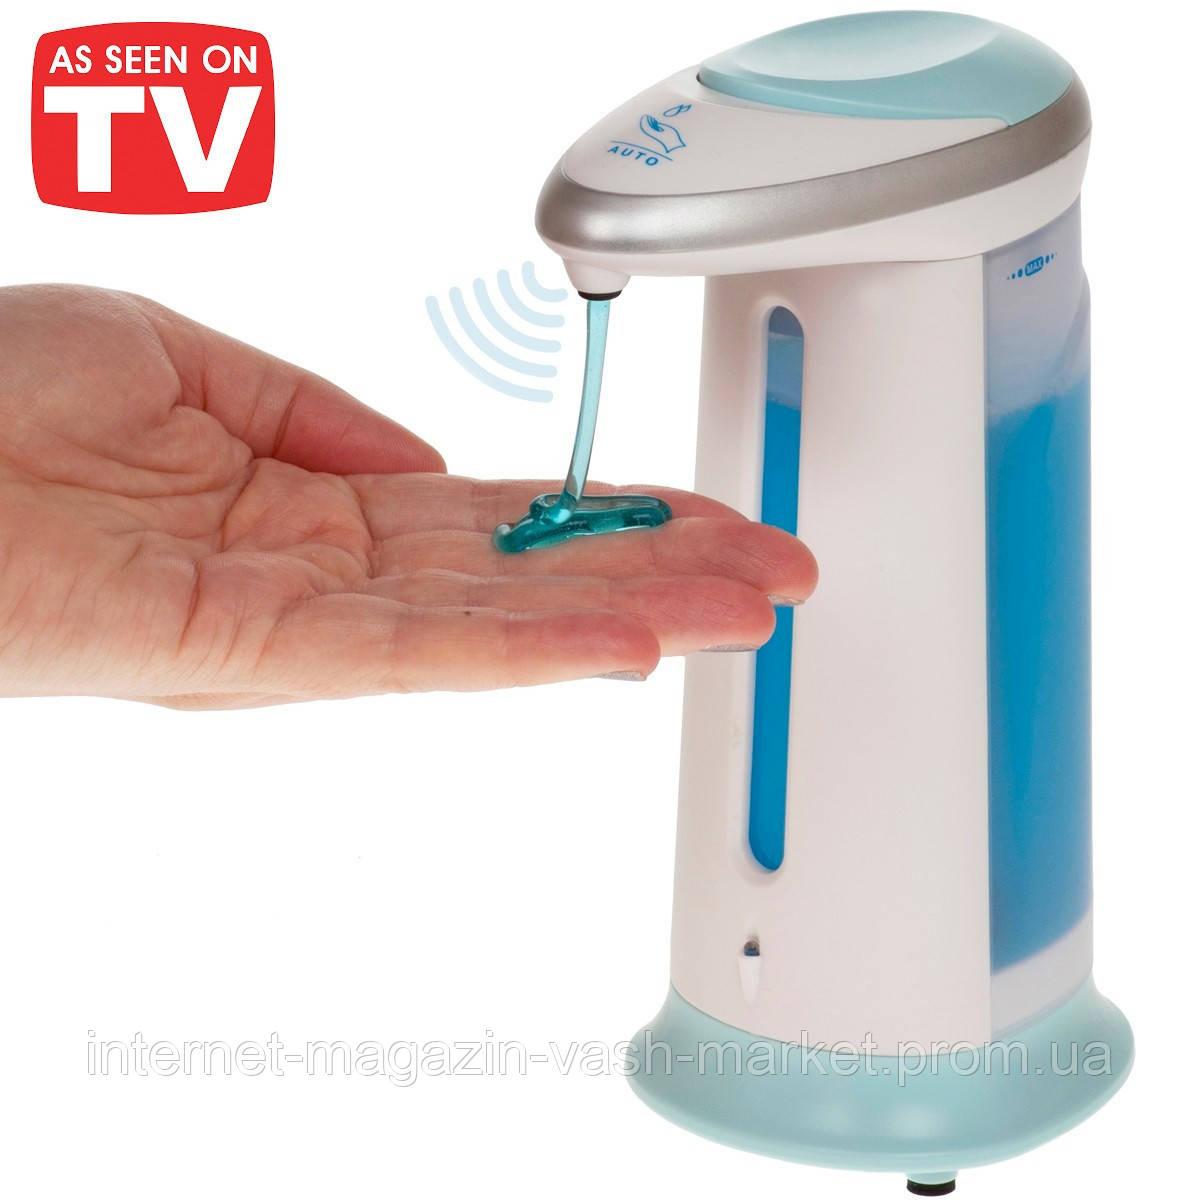 """Сенсорный дозатор для жидкого мыла Soap Magic - Интернет магазин """"vash-market"""" в Одессе"""